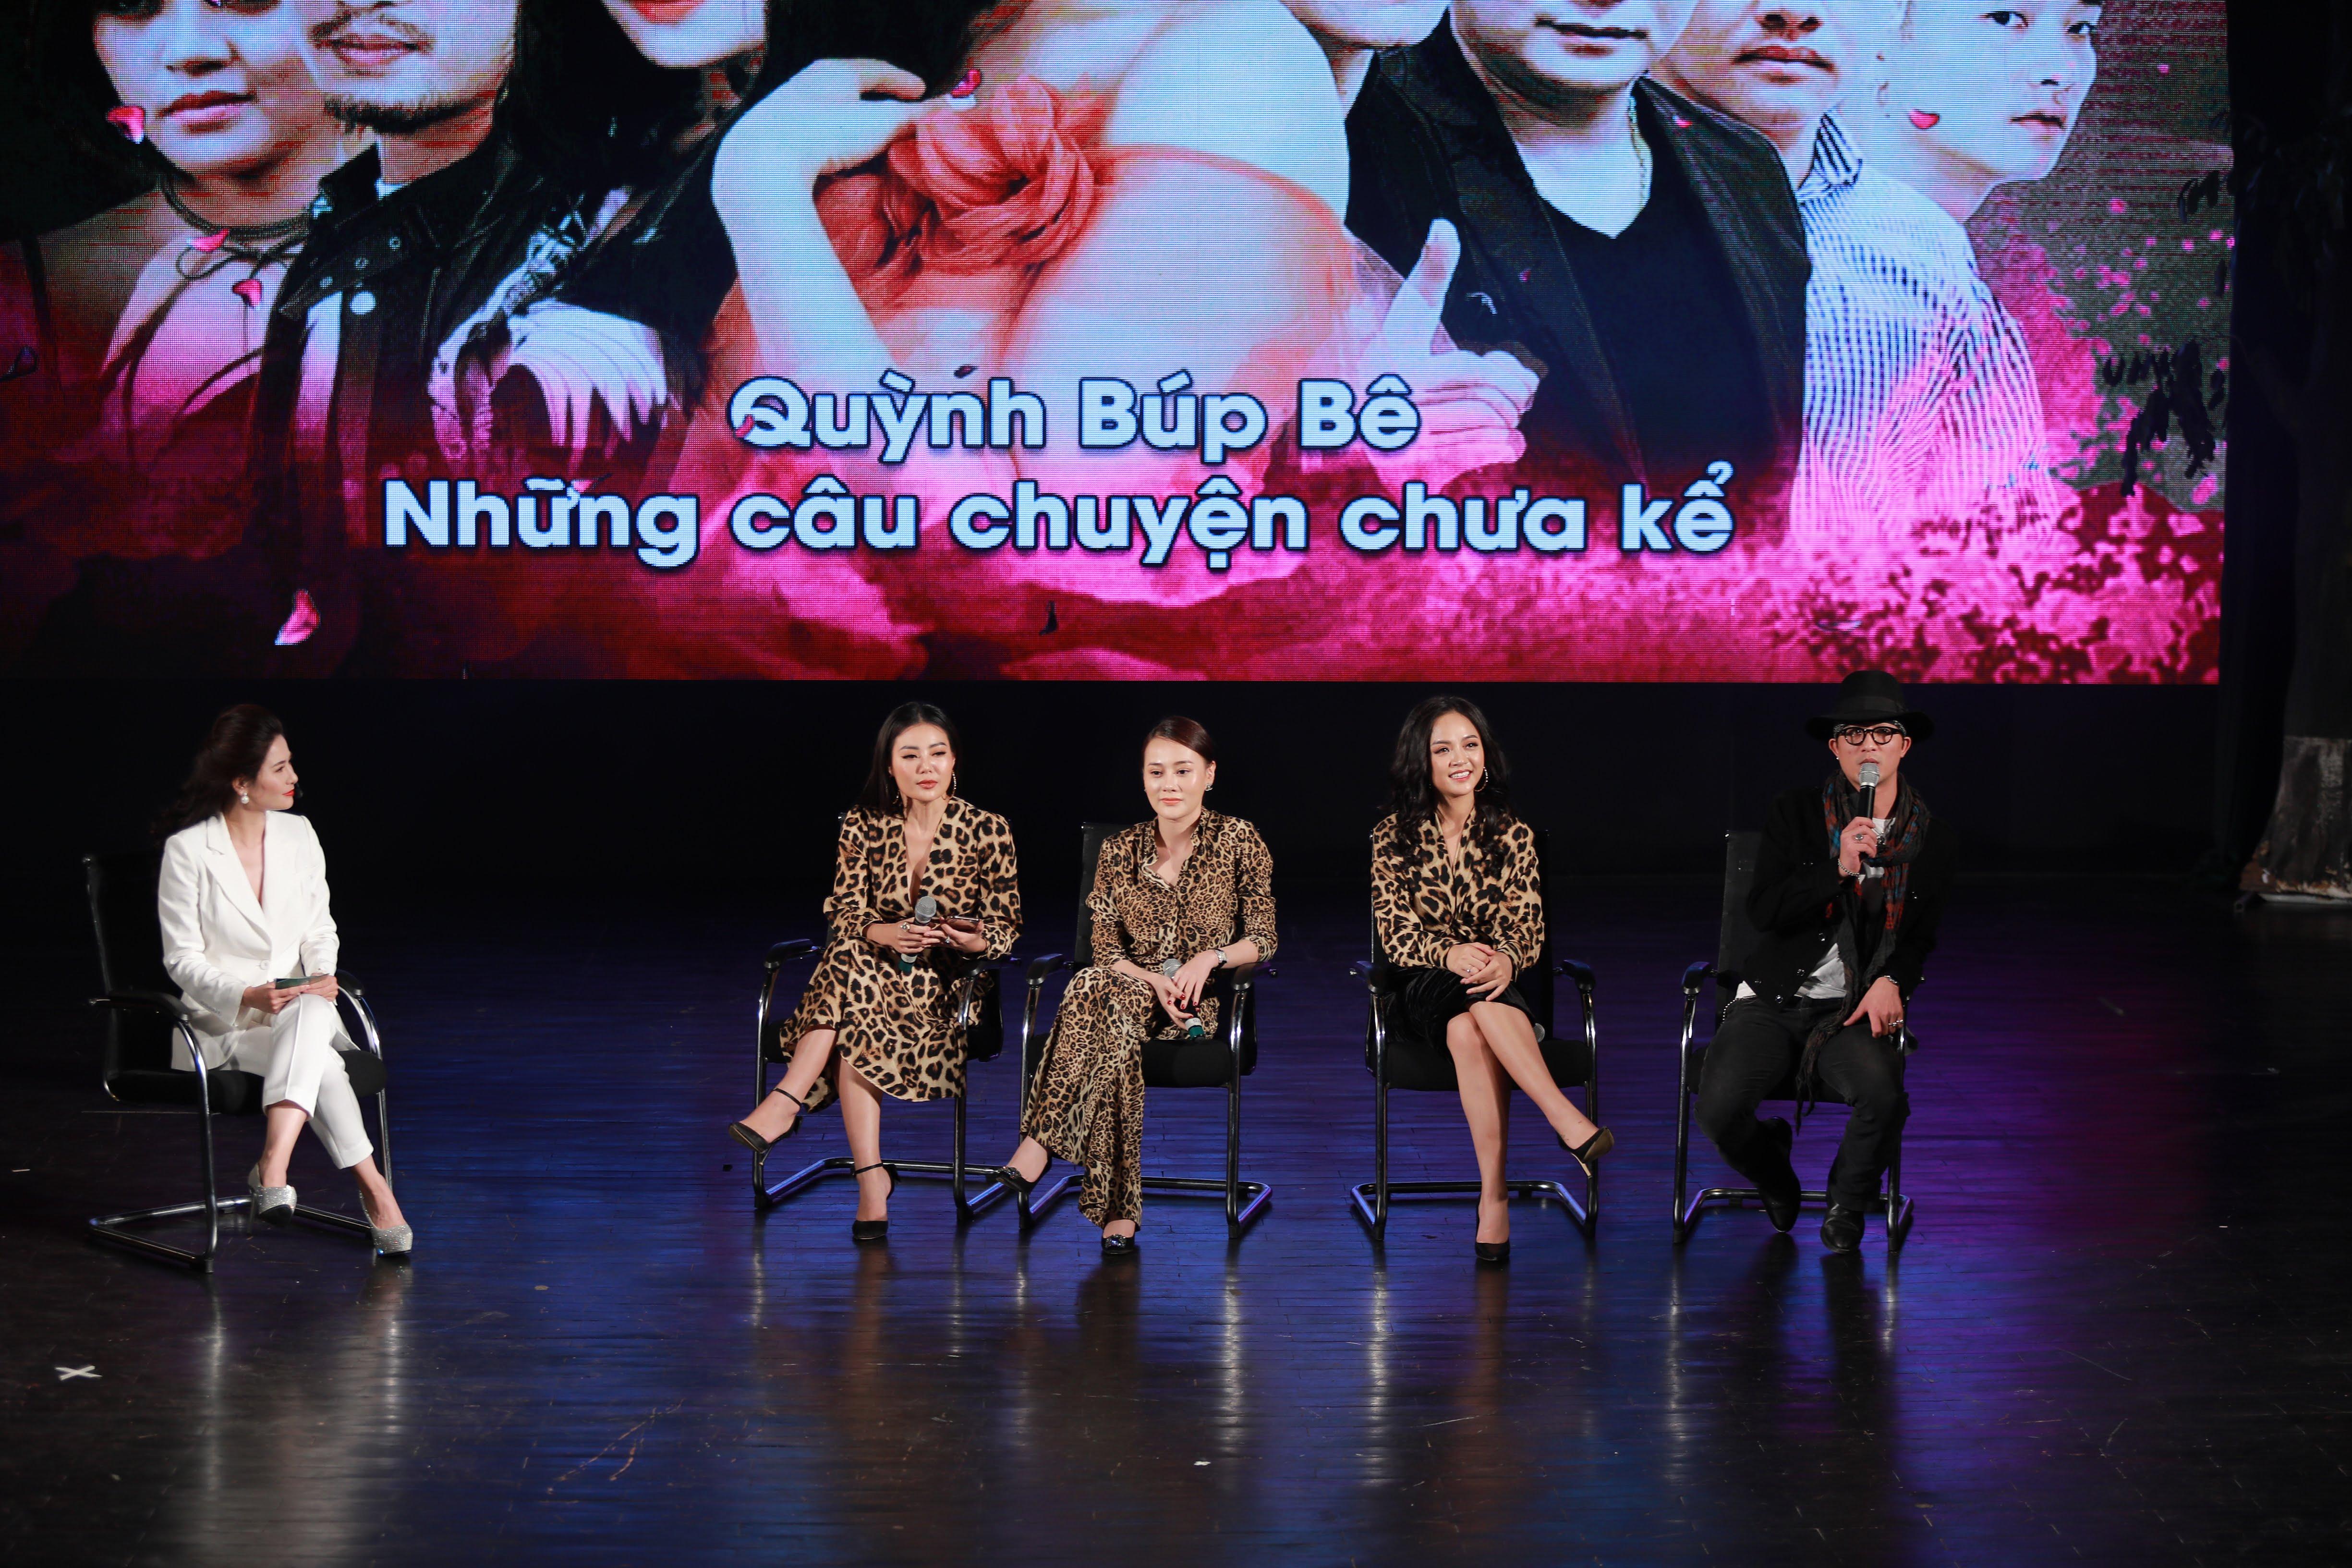 Bộ 4 diễn viên Quỳnh búp bê giao lưu với người hâm mộ